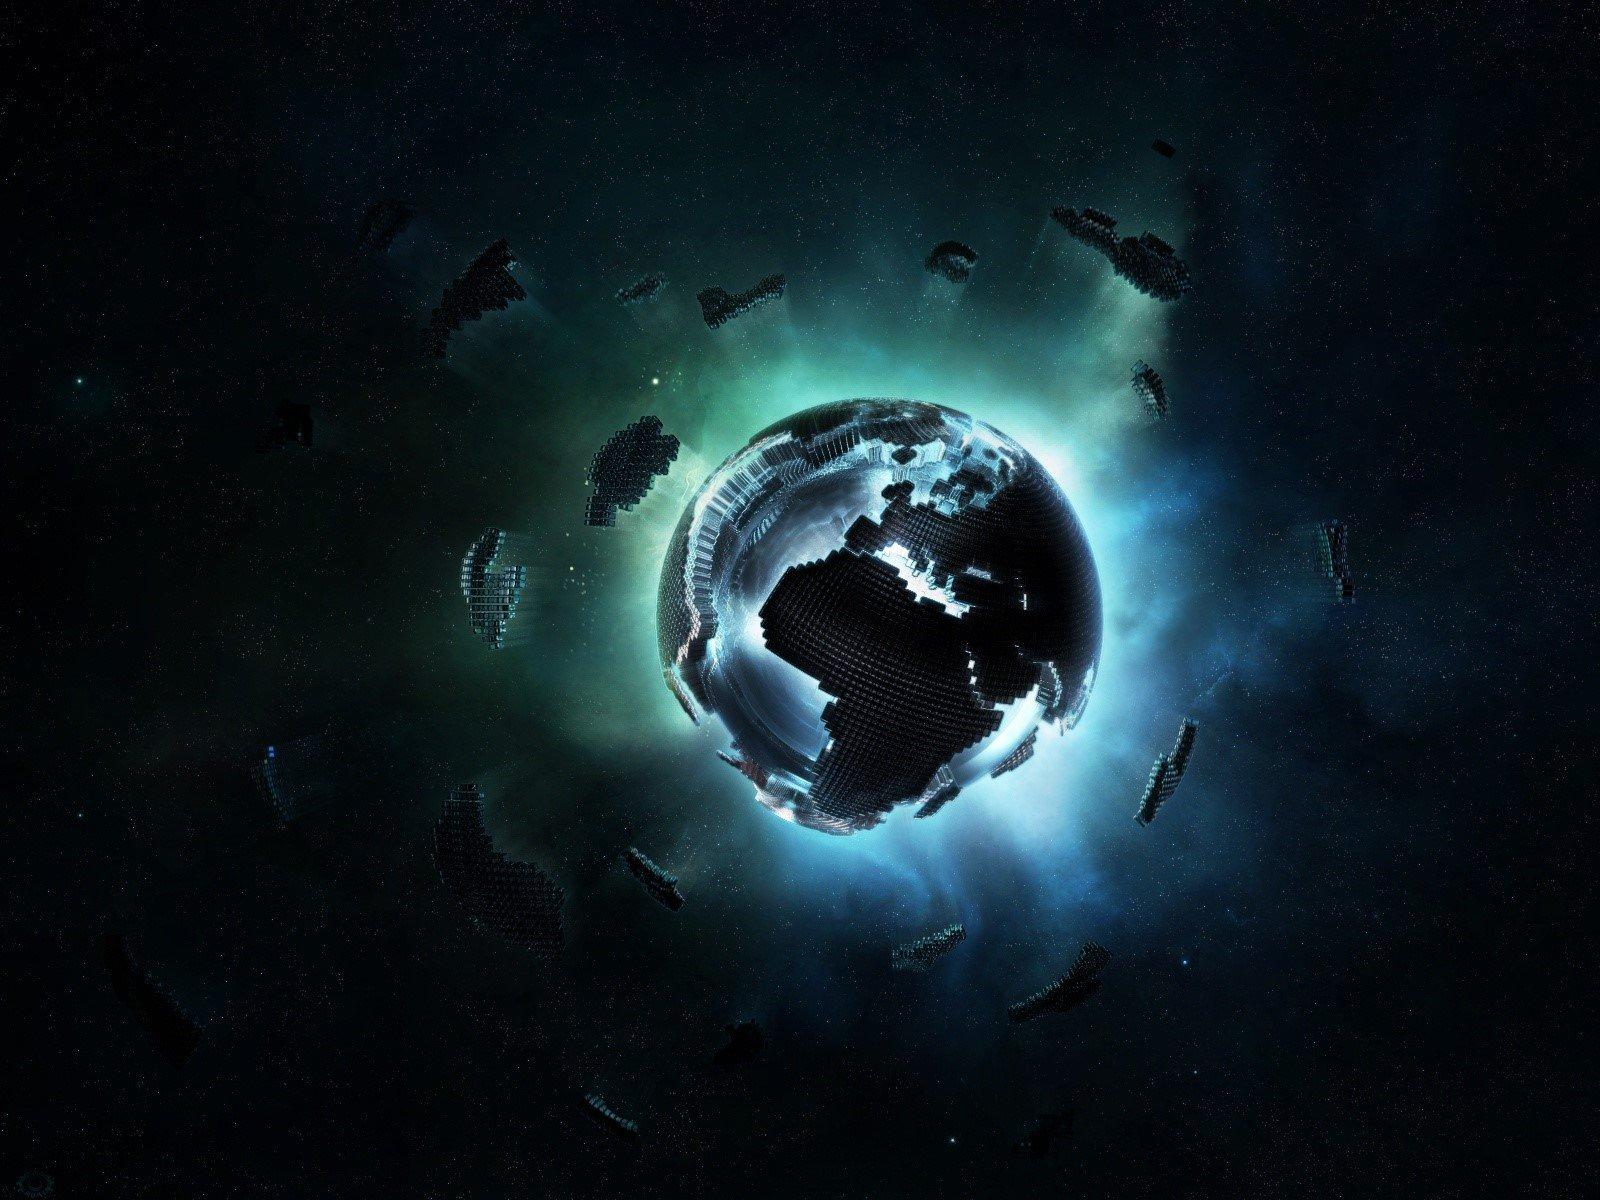 Wallpaper Planeta de pixeles Images